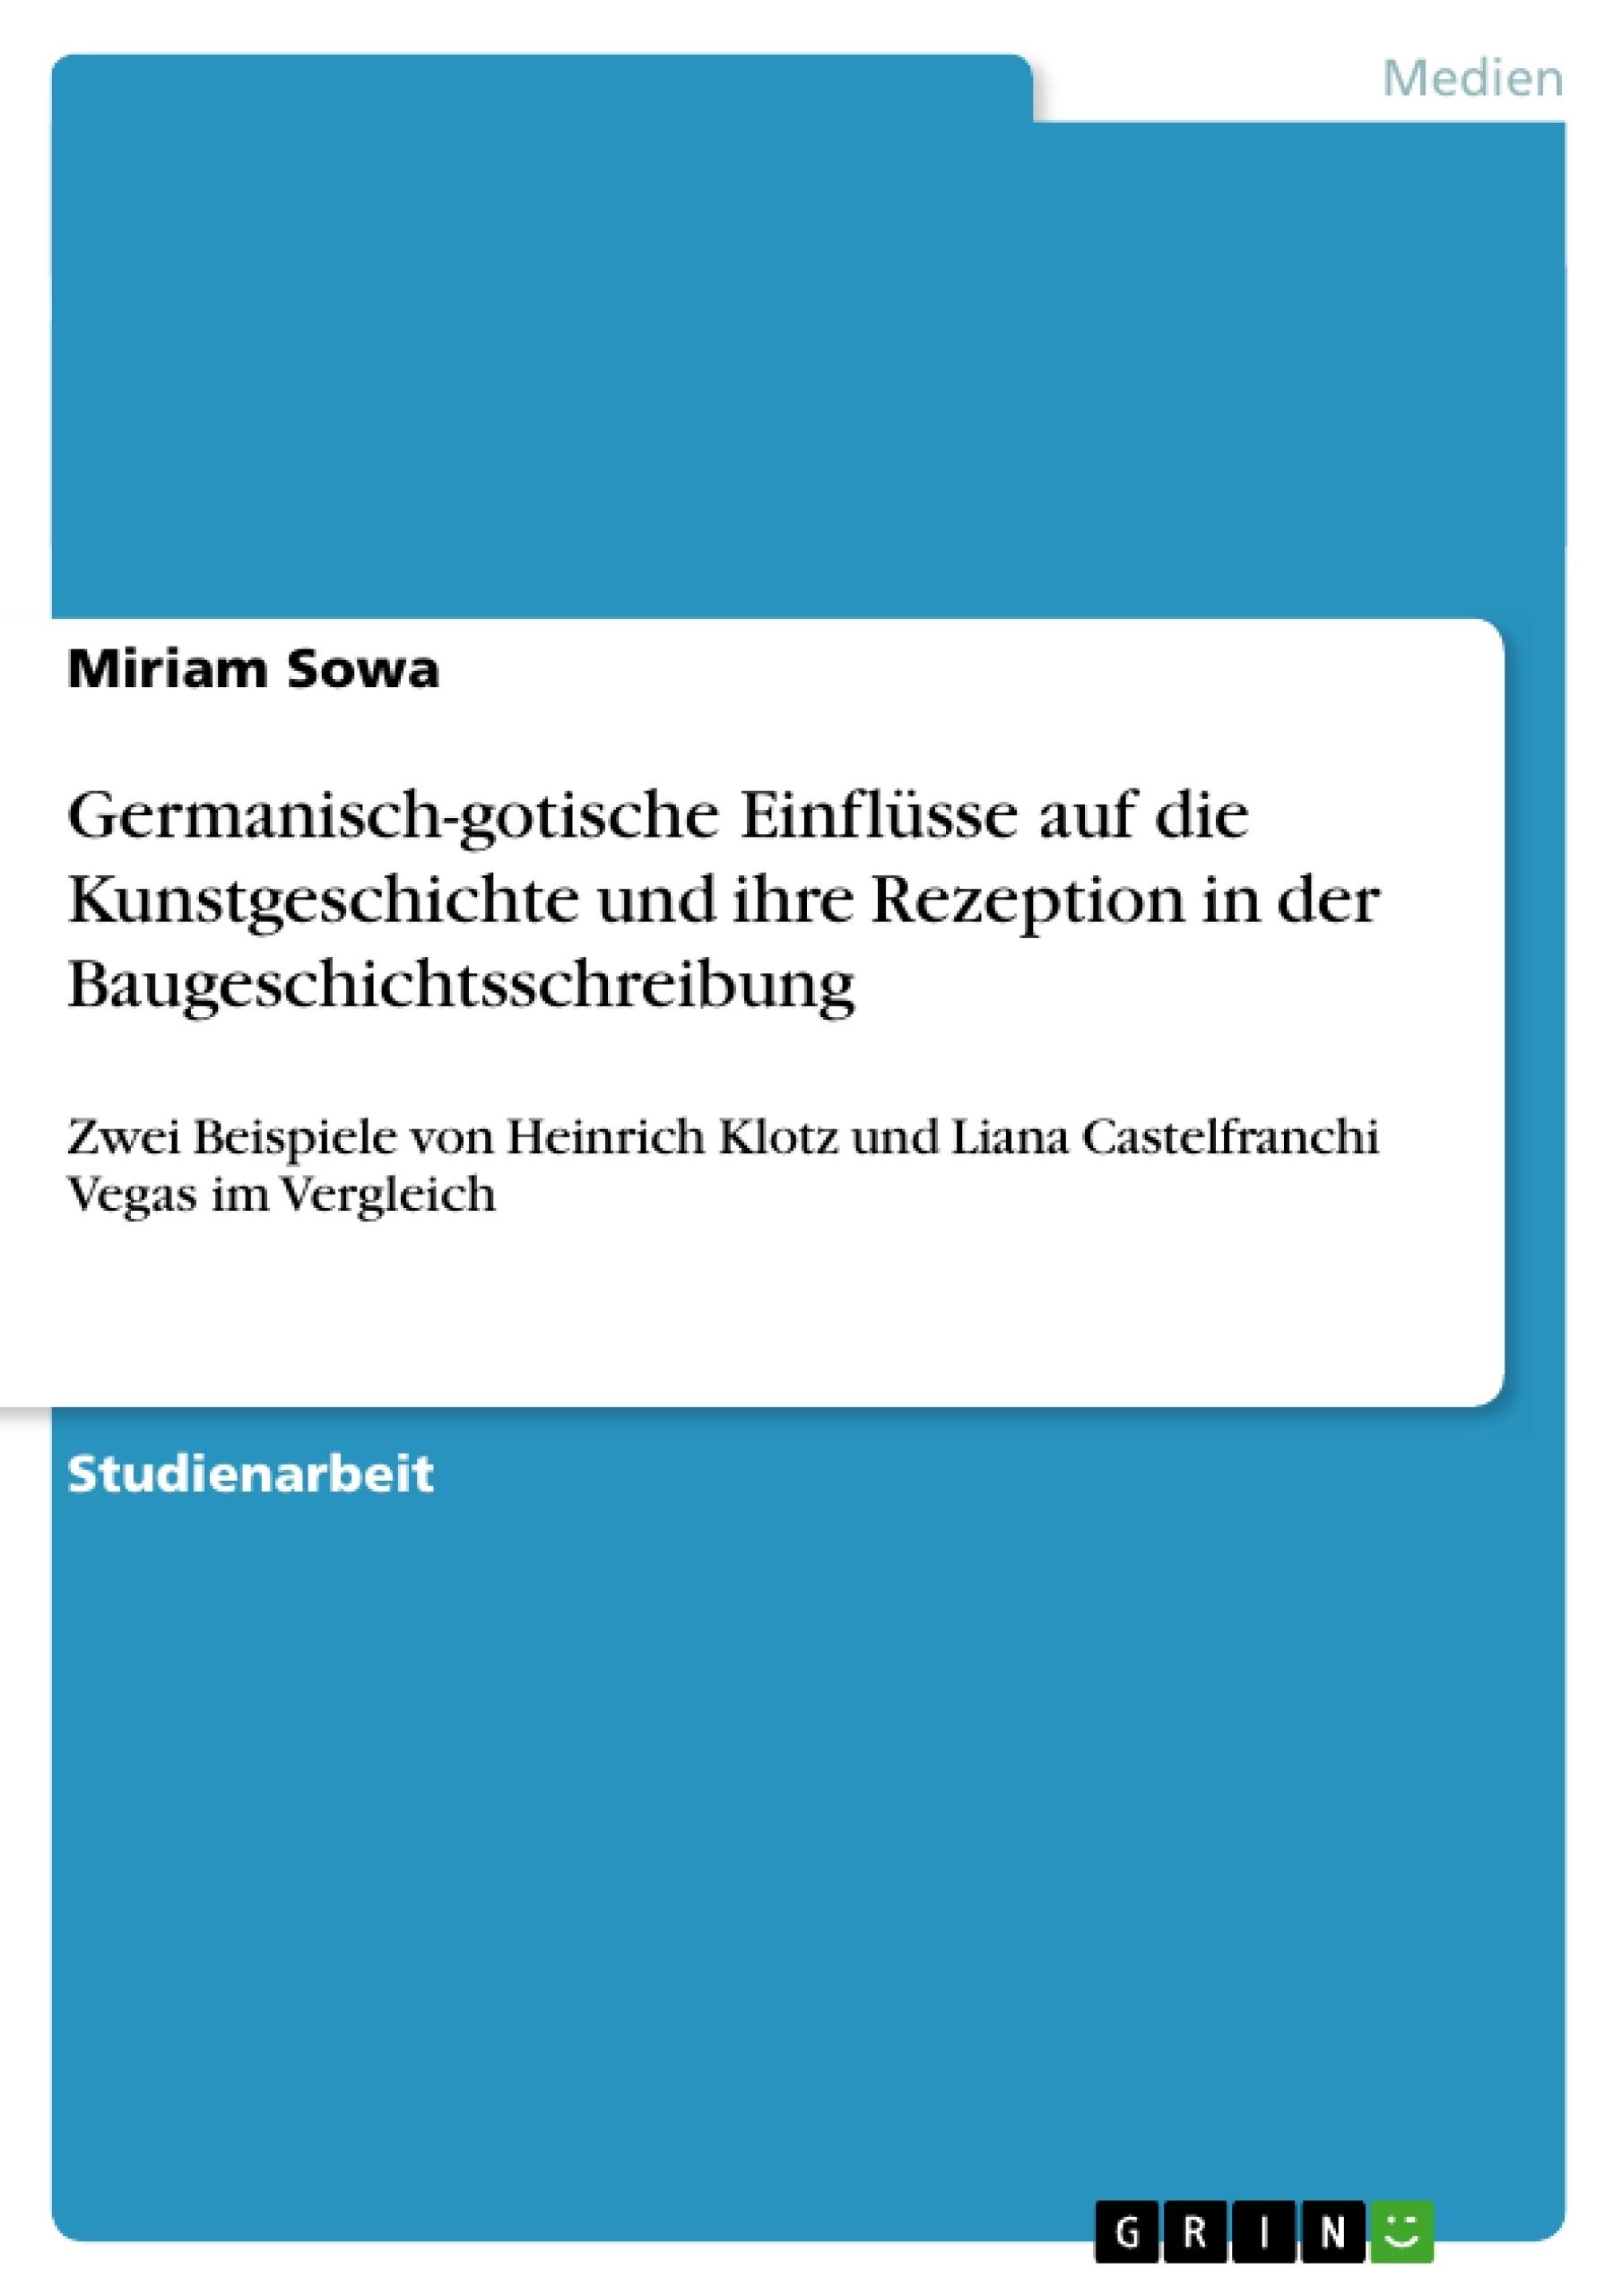 Titel: Germanisch-gotische Einflüsse auf die Kunstgeschichte und ihre Rezeption in der Baugeschichtsschreibung